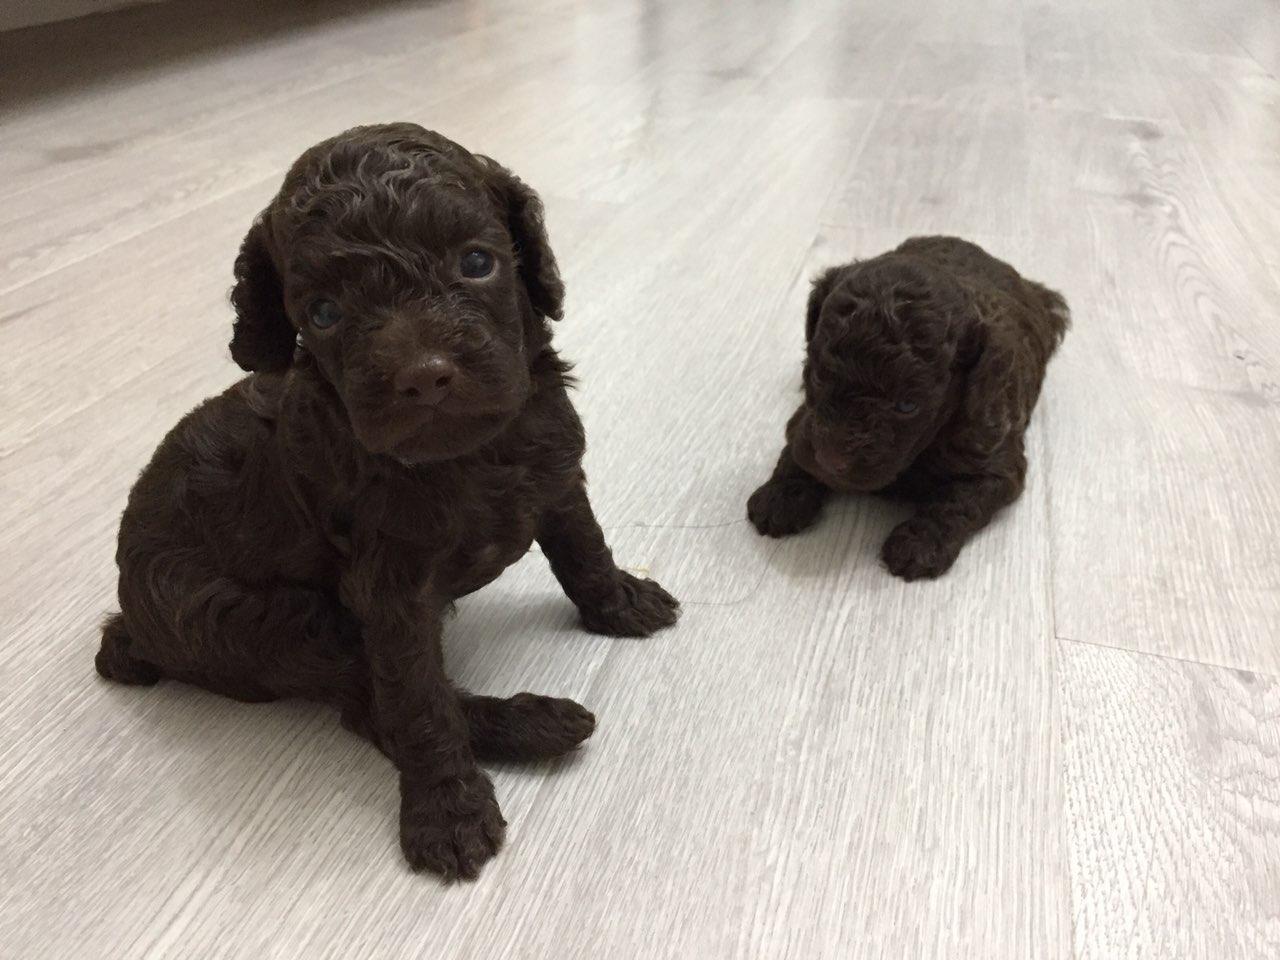 两只纯巧克力色泰迪宝宝出售